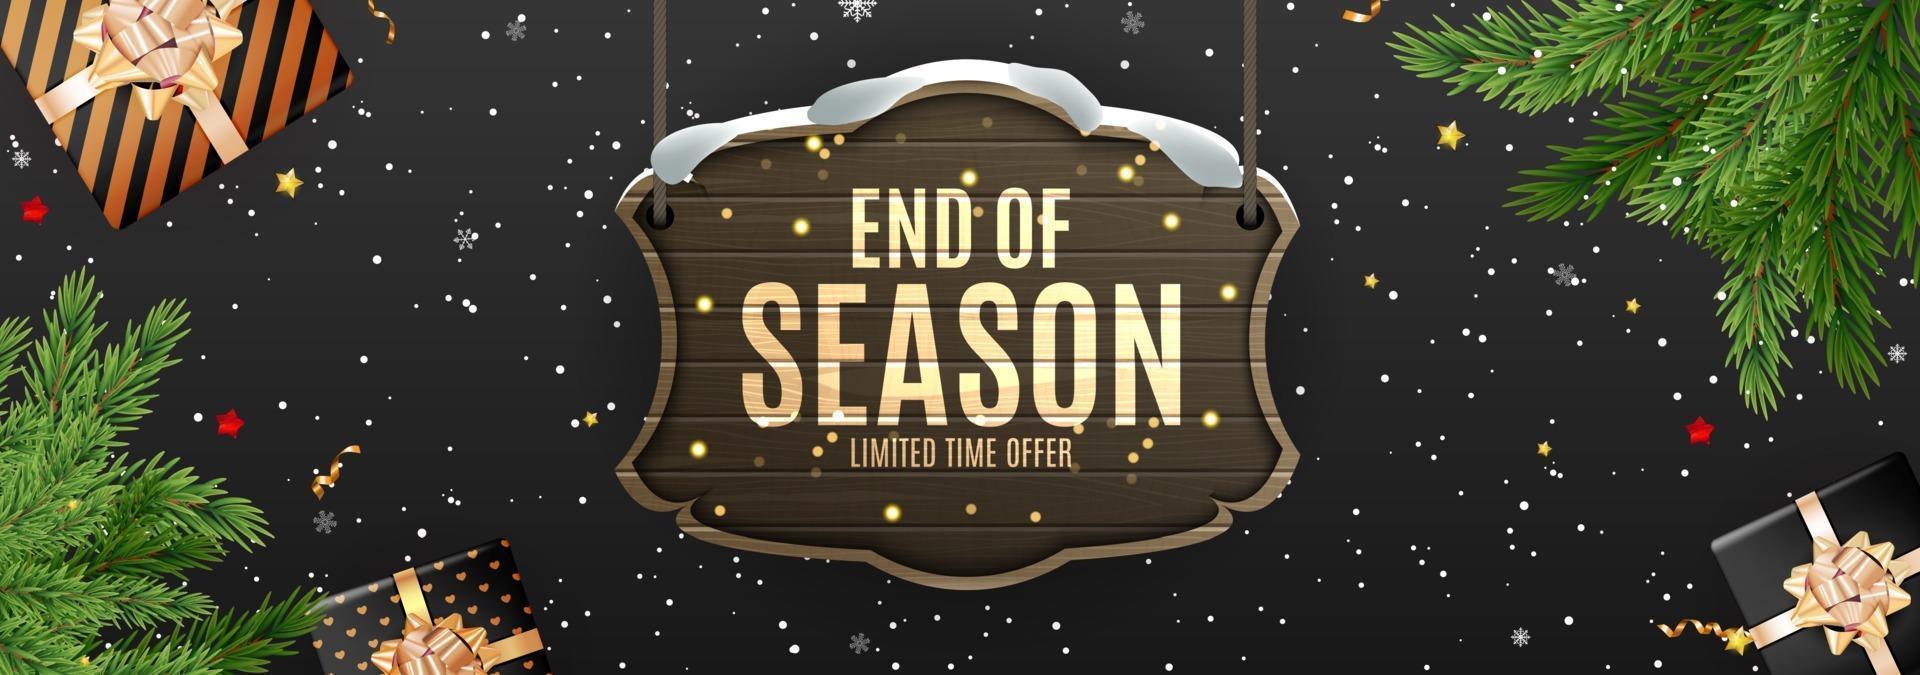 disegno del fondo di vendita di fine stagione invernale. modello per pubblicità, web, social media e annunci di moda. vettore